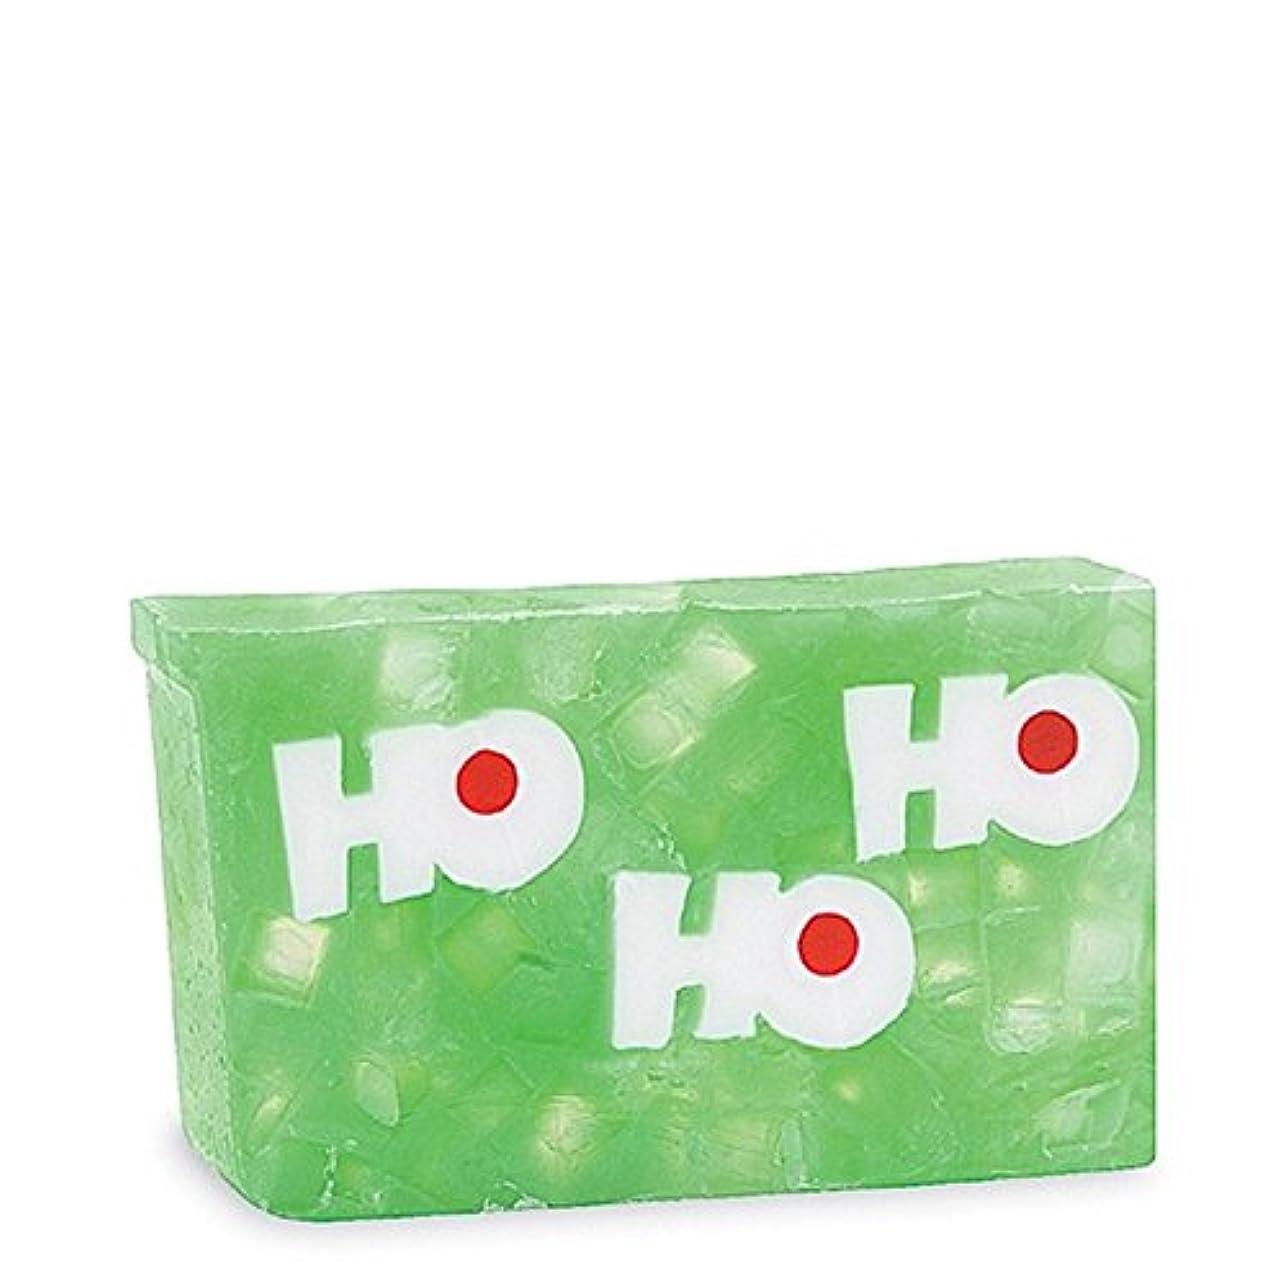 泥スロット彫刻家Primal Elements Ho Ho Ho Soap (Pack of 6) - 原初の要素ホーホーホ石鹸 x6 [並行輸入品]